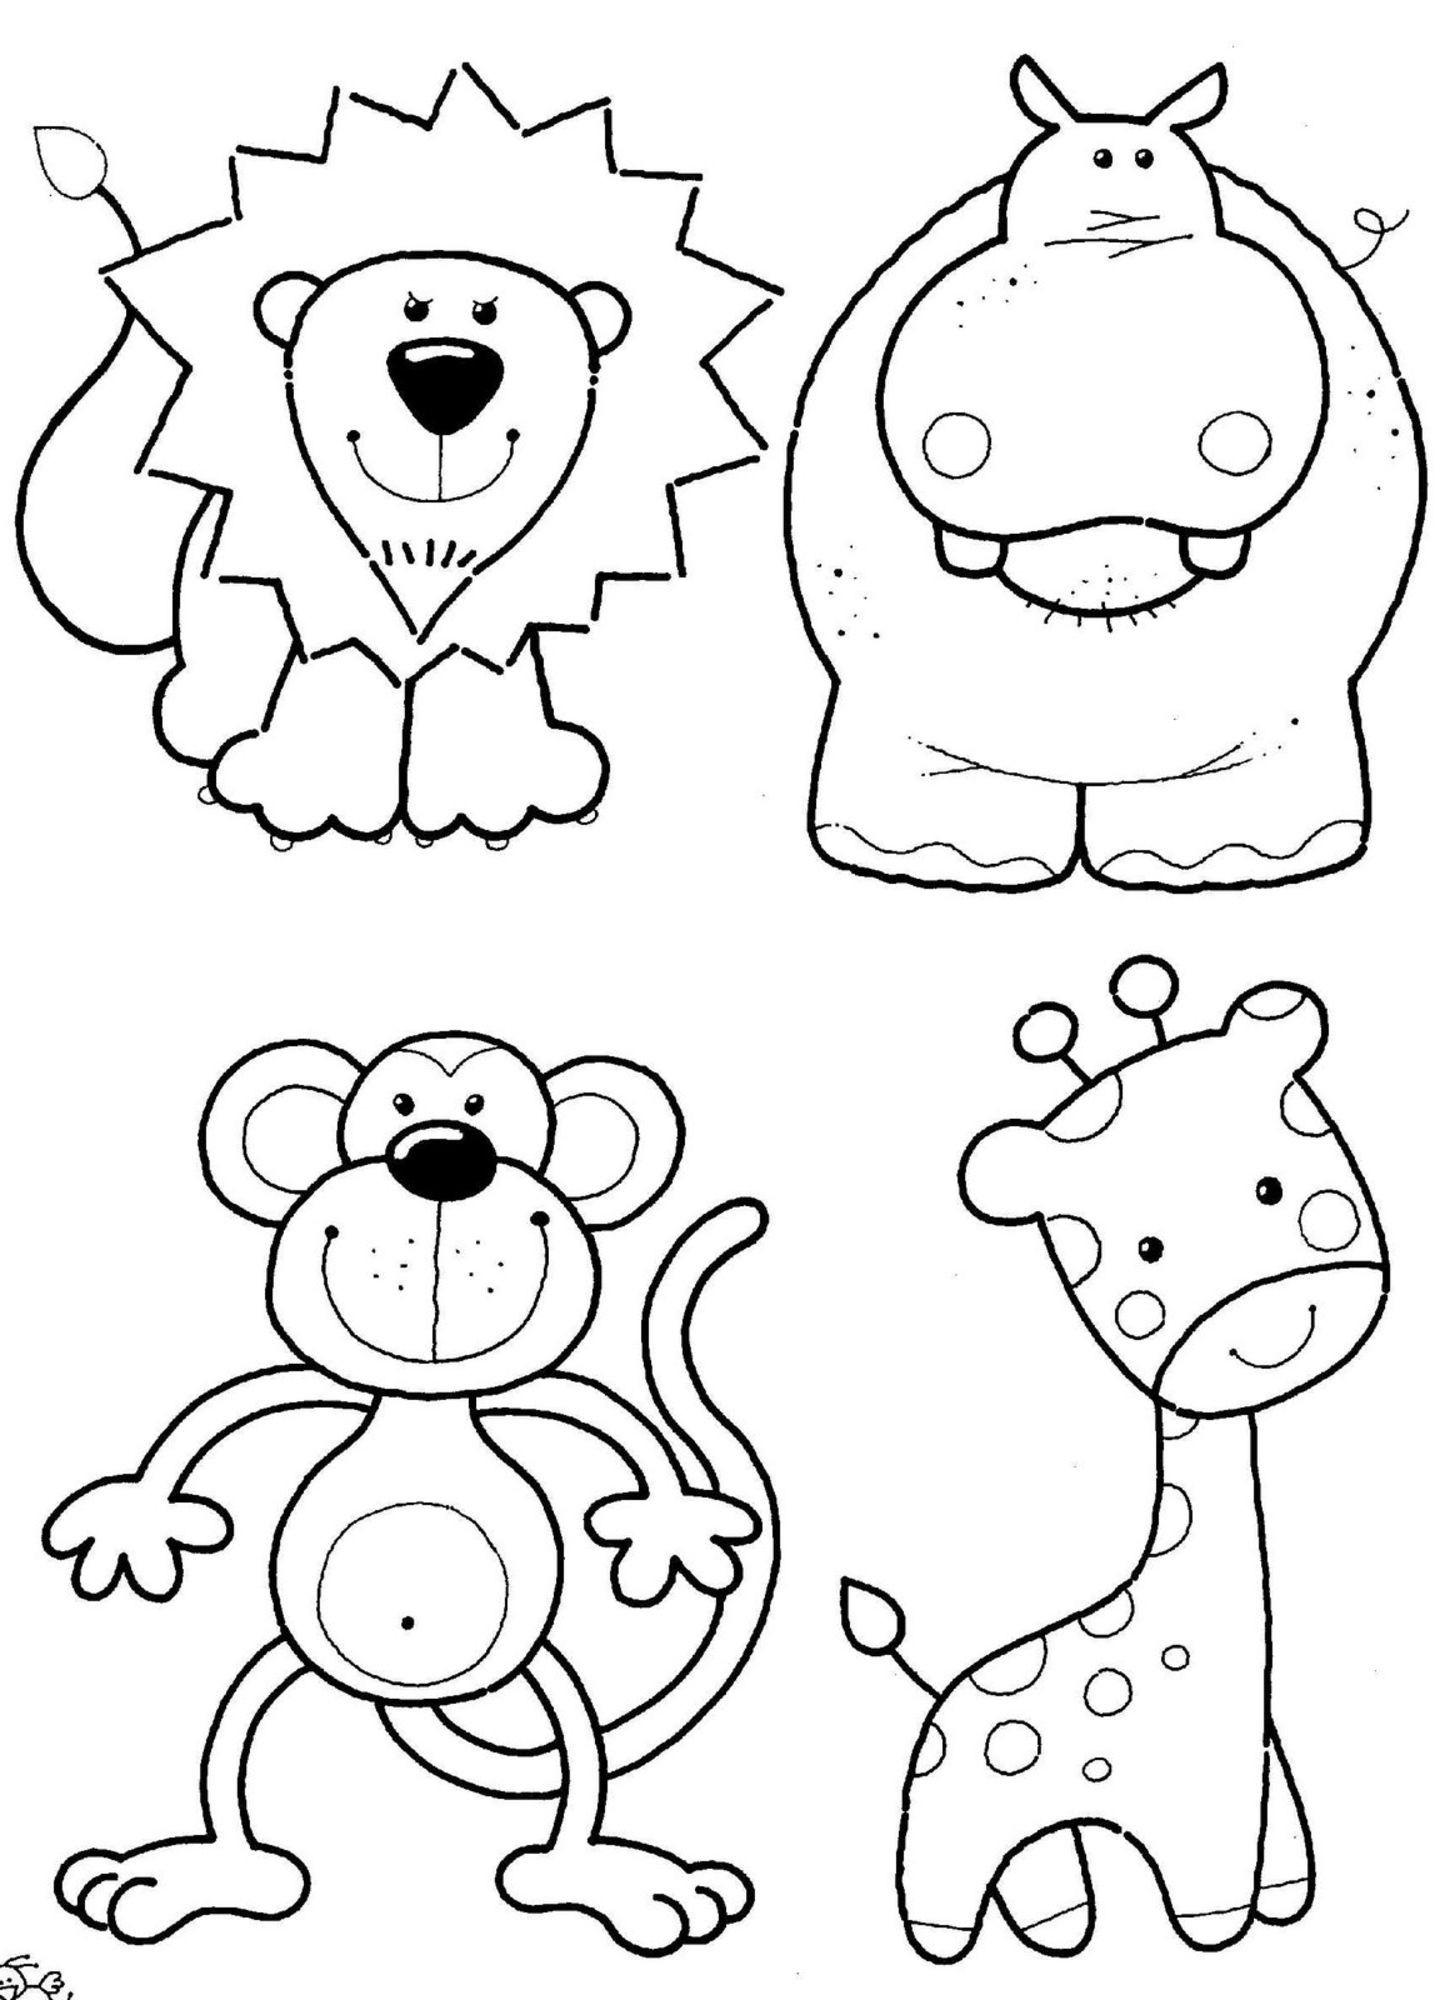 6 Farm Animals Coloring Pages Preschool